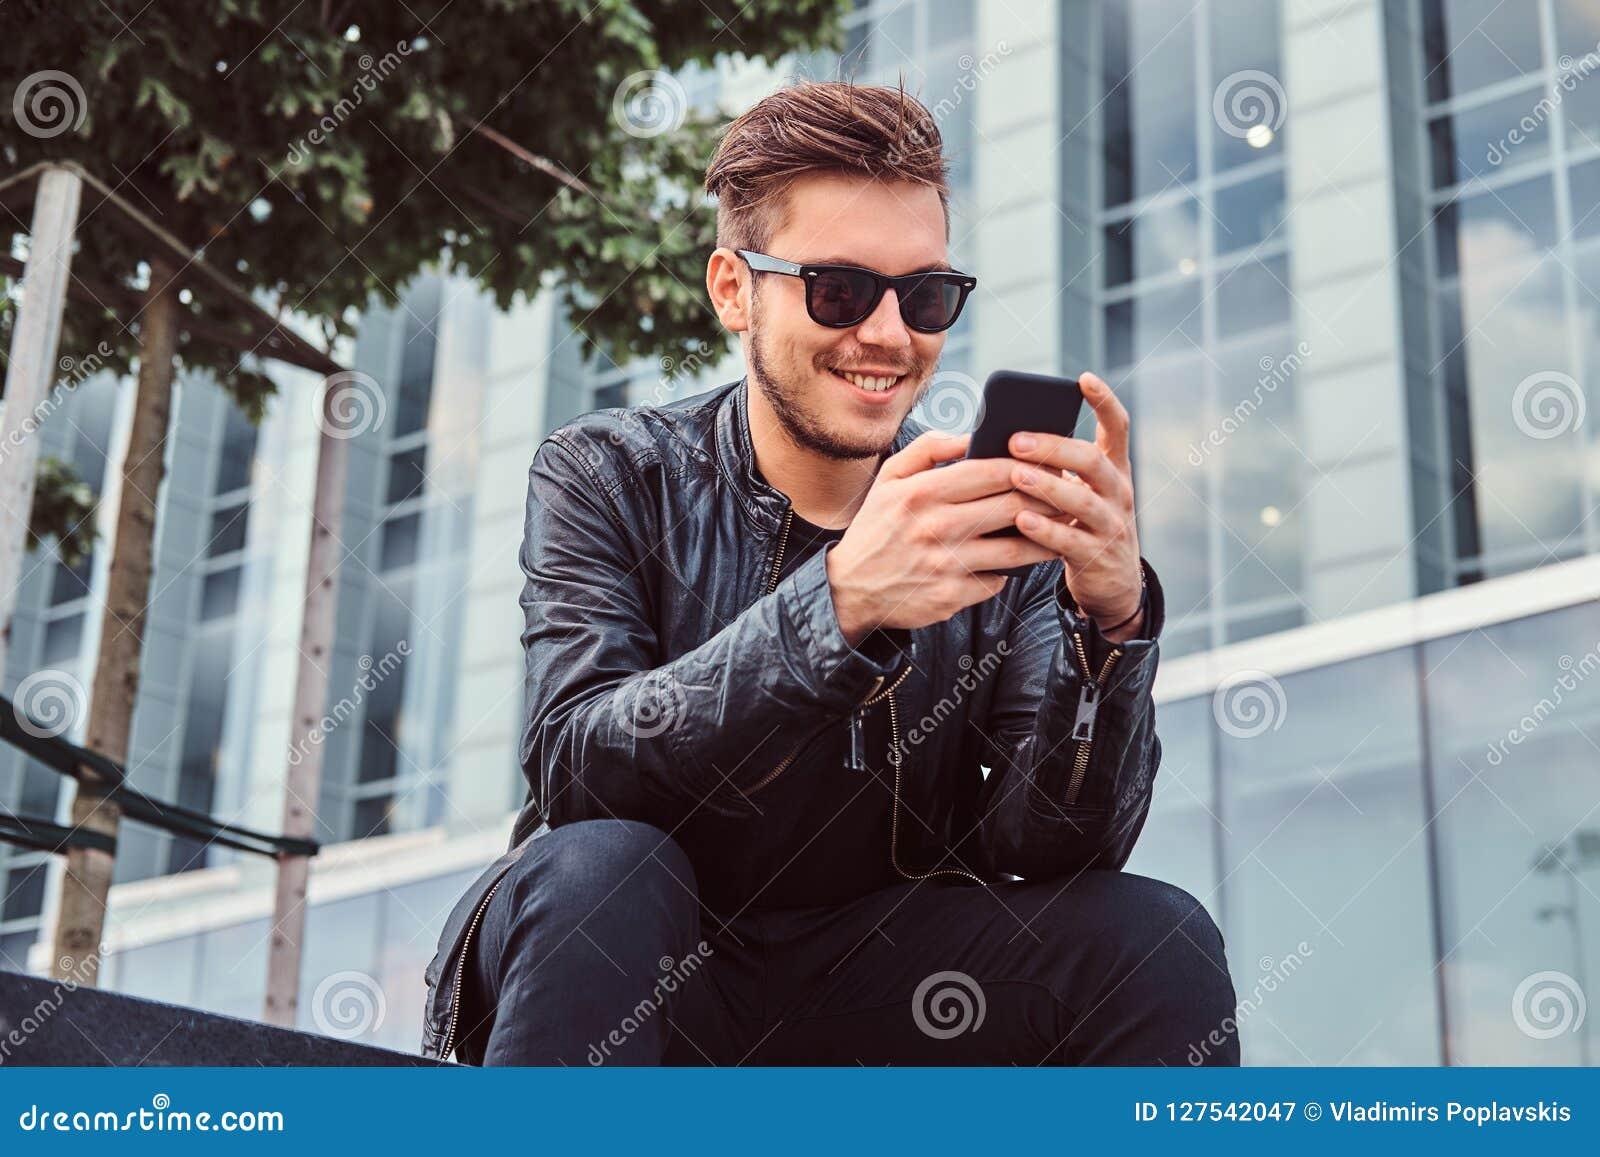 Uśmiechnięty młody człowiek w okularach przeciwsłonecznych z eleganckim włosy ubierał w czarnej skórzanej kurtce używać smartphon